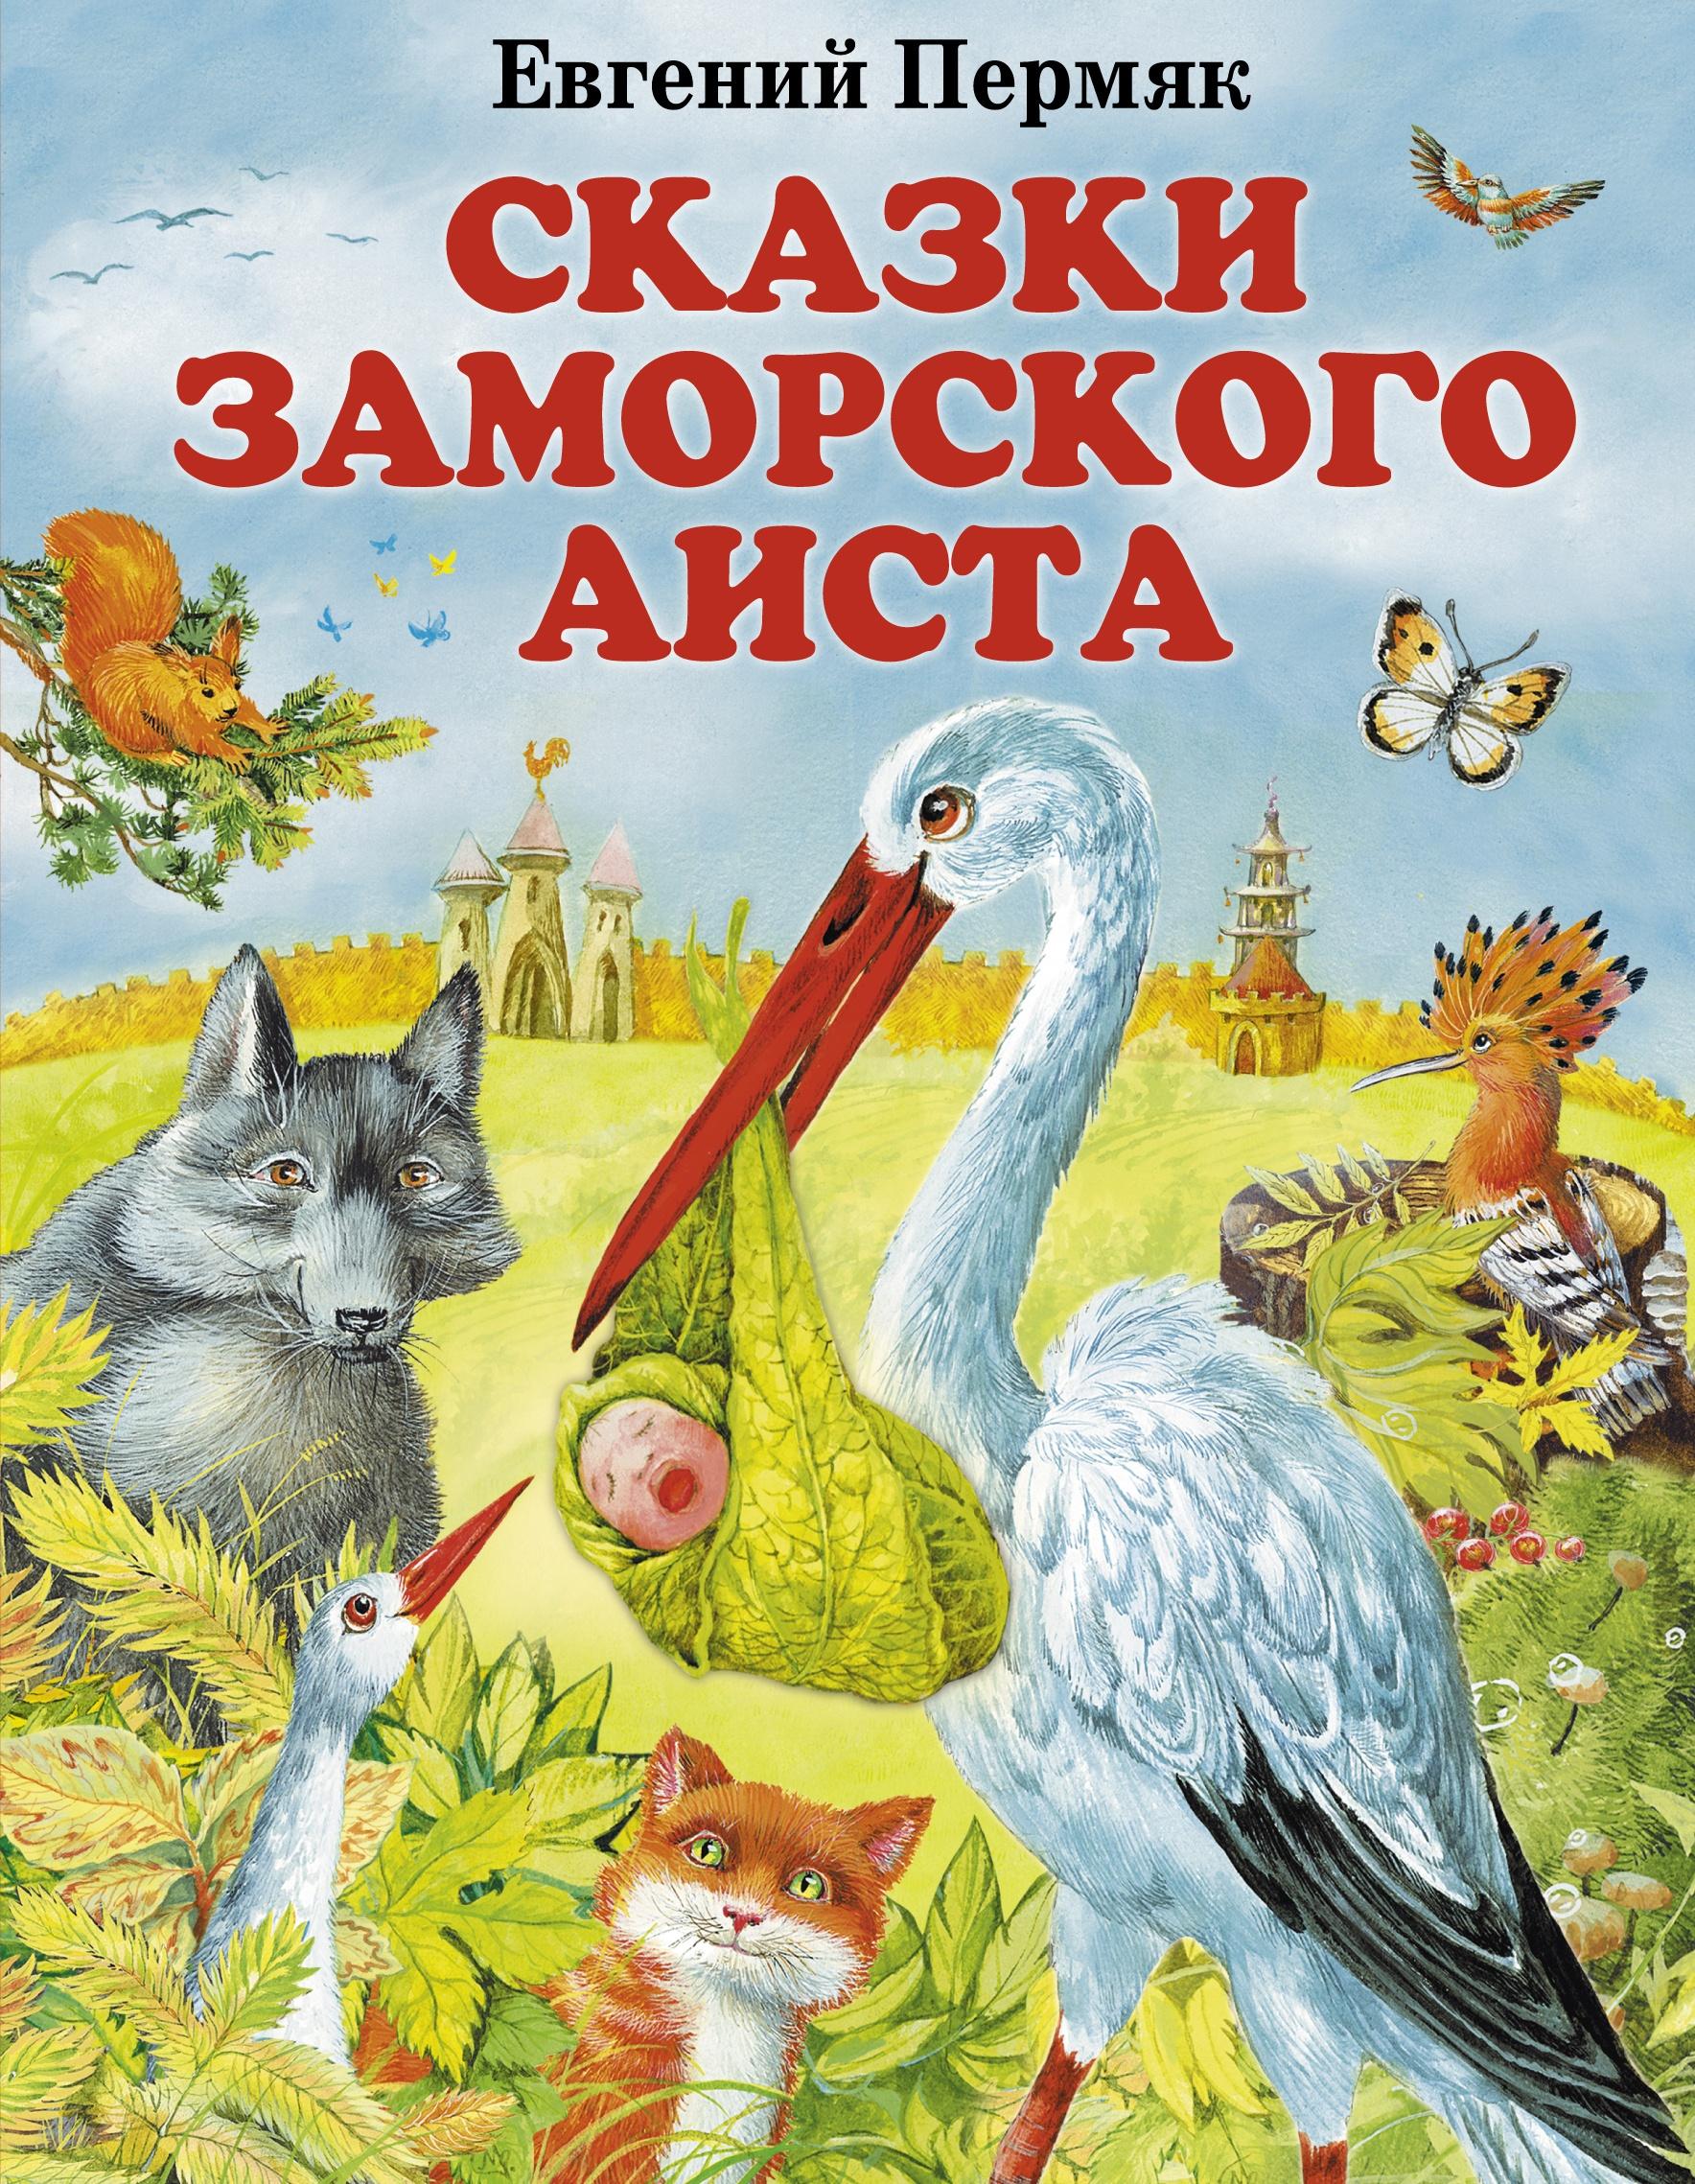 Картинки обложки книг пермяка